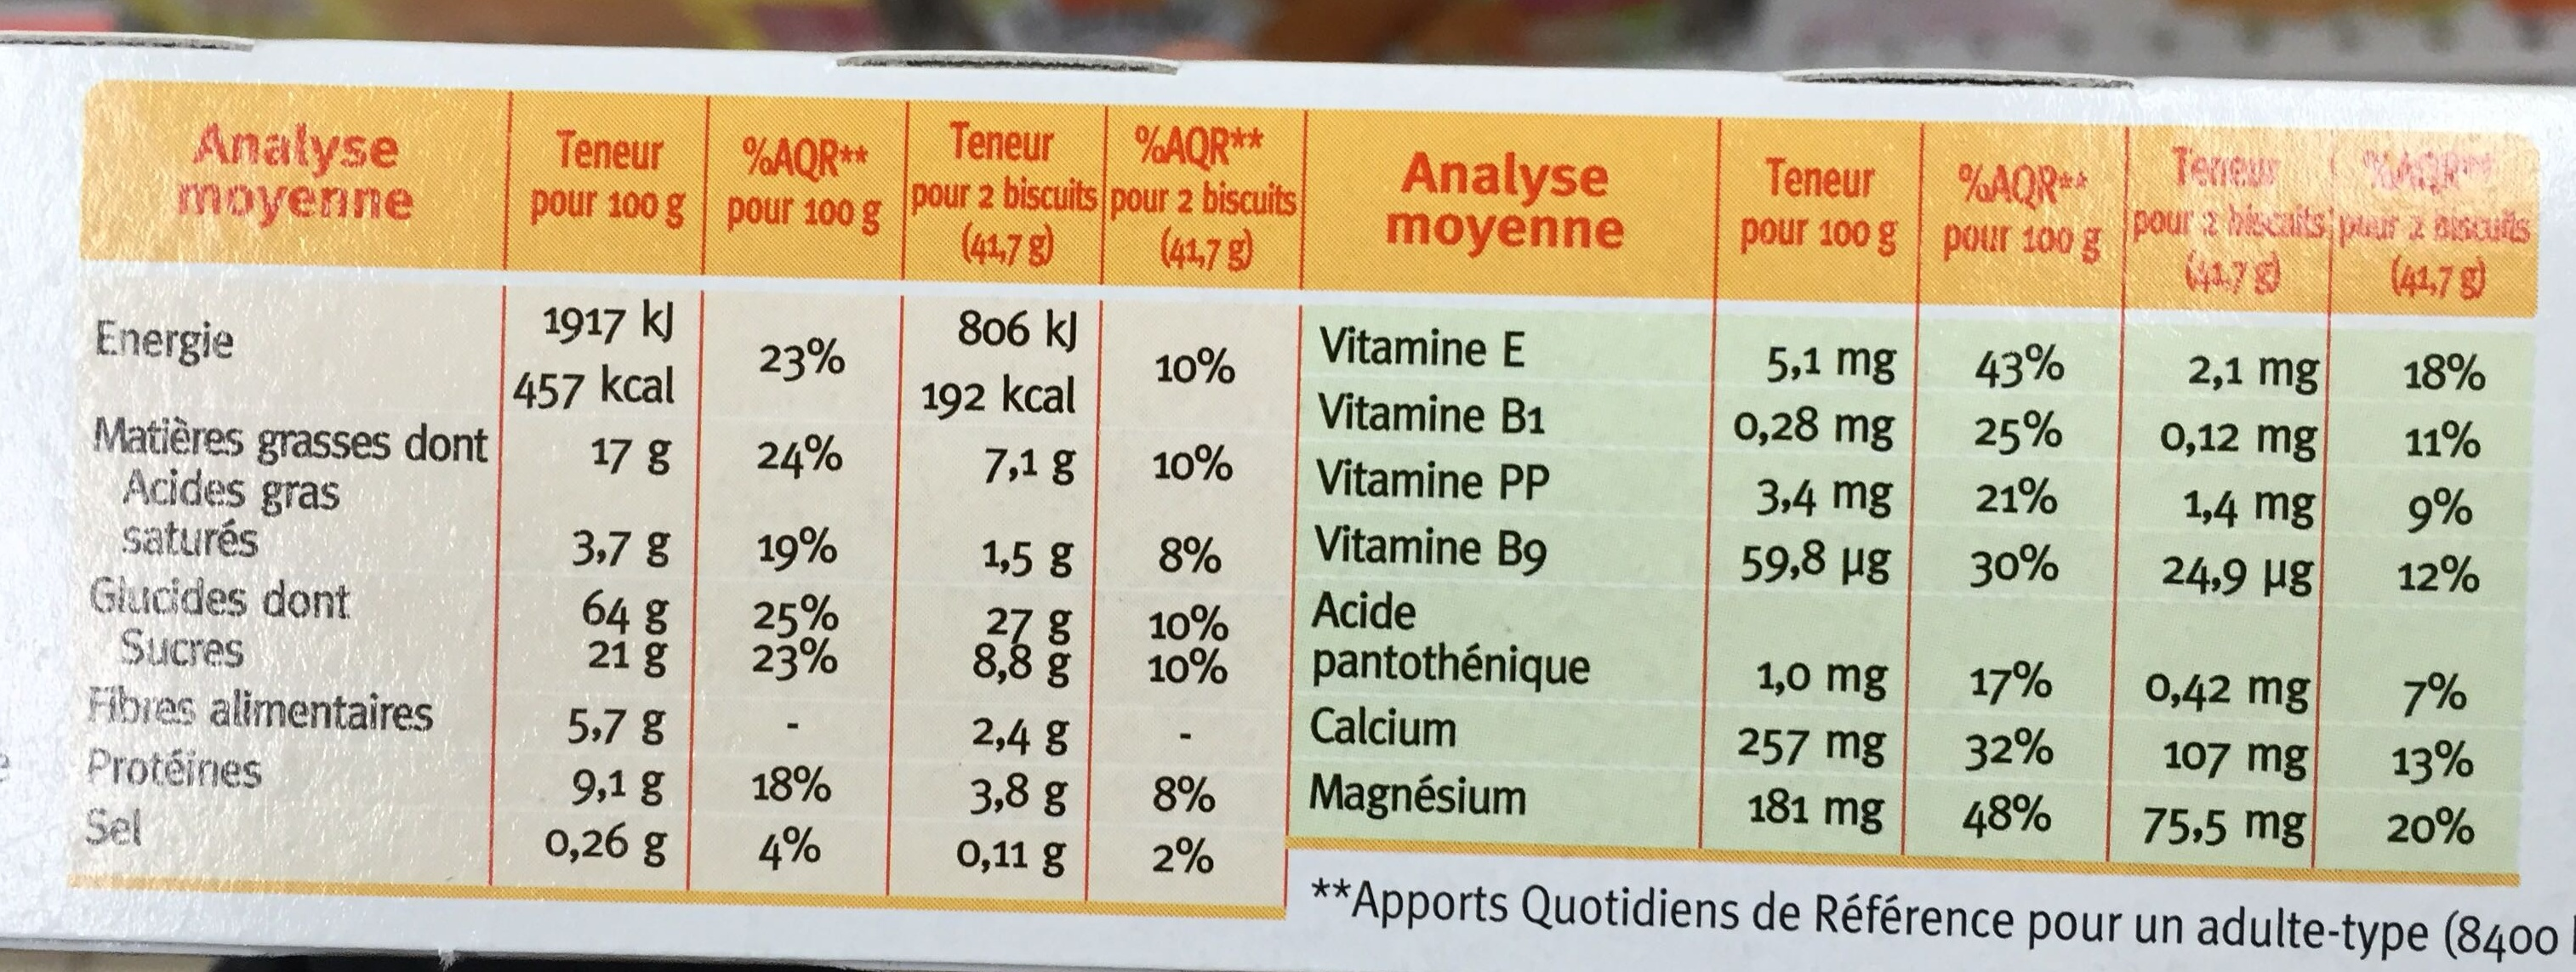 Goûter pépites de chocolat - Nutrition facts